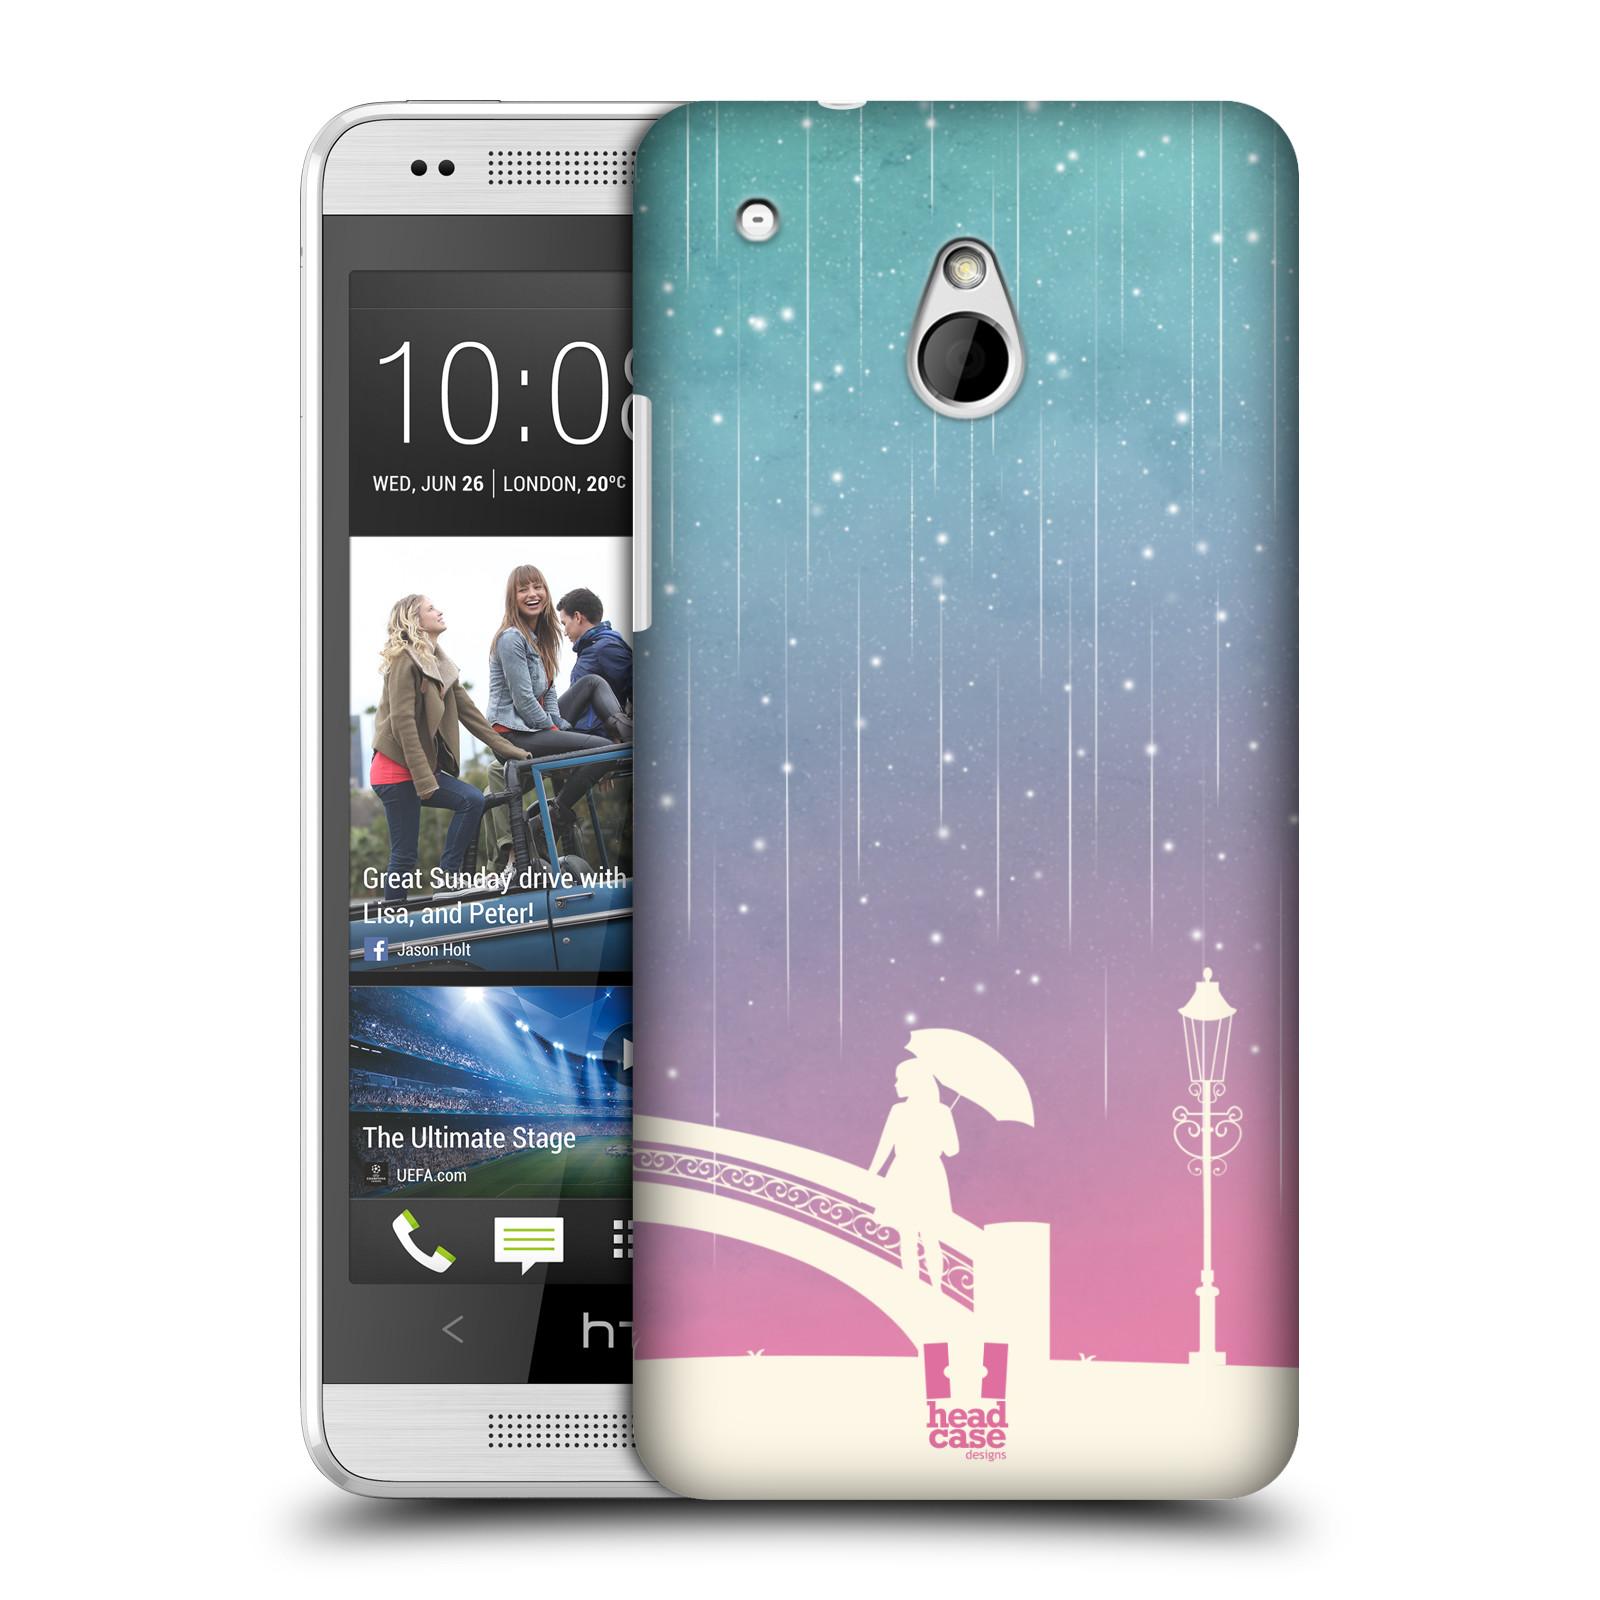 HEAD CASE DESIGNS METEOR RAIN OMBRE CASE COVER FOR HTC ONE MINI